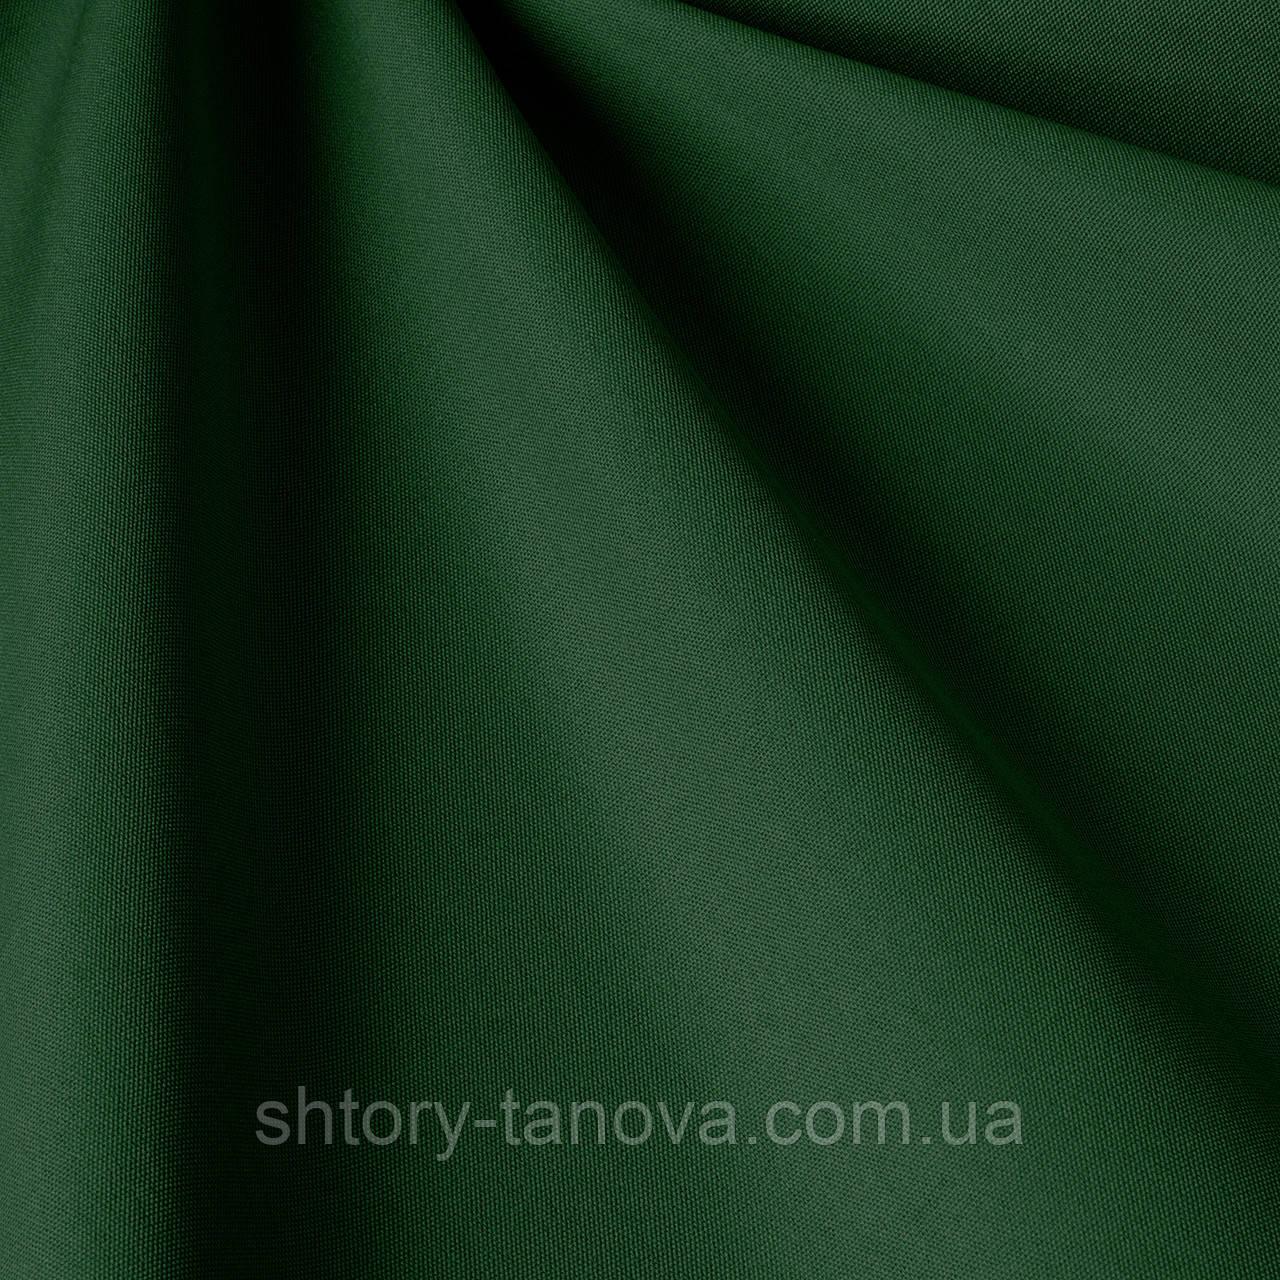 Однотонная уличная ткань темно-зеленого цвета